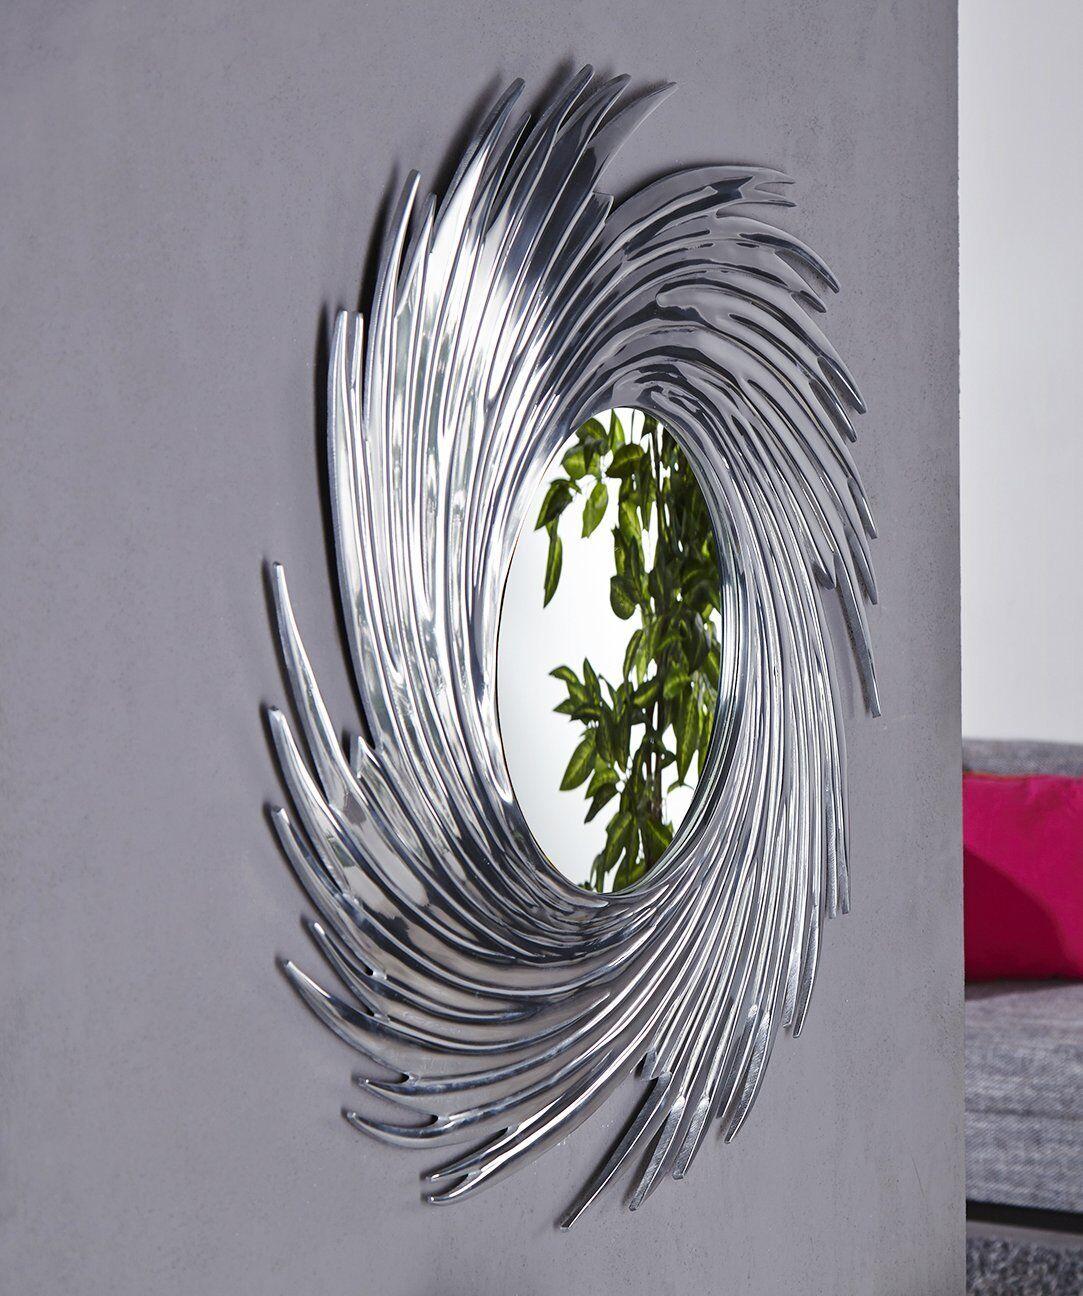 sonne rund runder wandspiegel 80 cm durchmesser in silber aluminium rahmen ebay. Black Bedroom Furniture Sets. Home Design Ideas